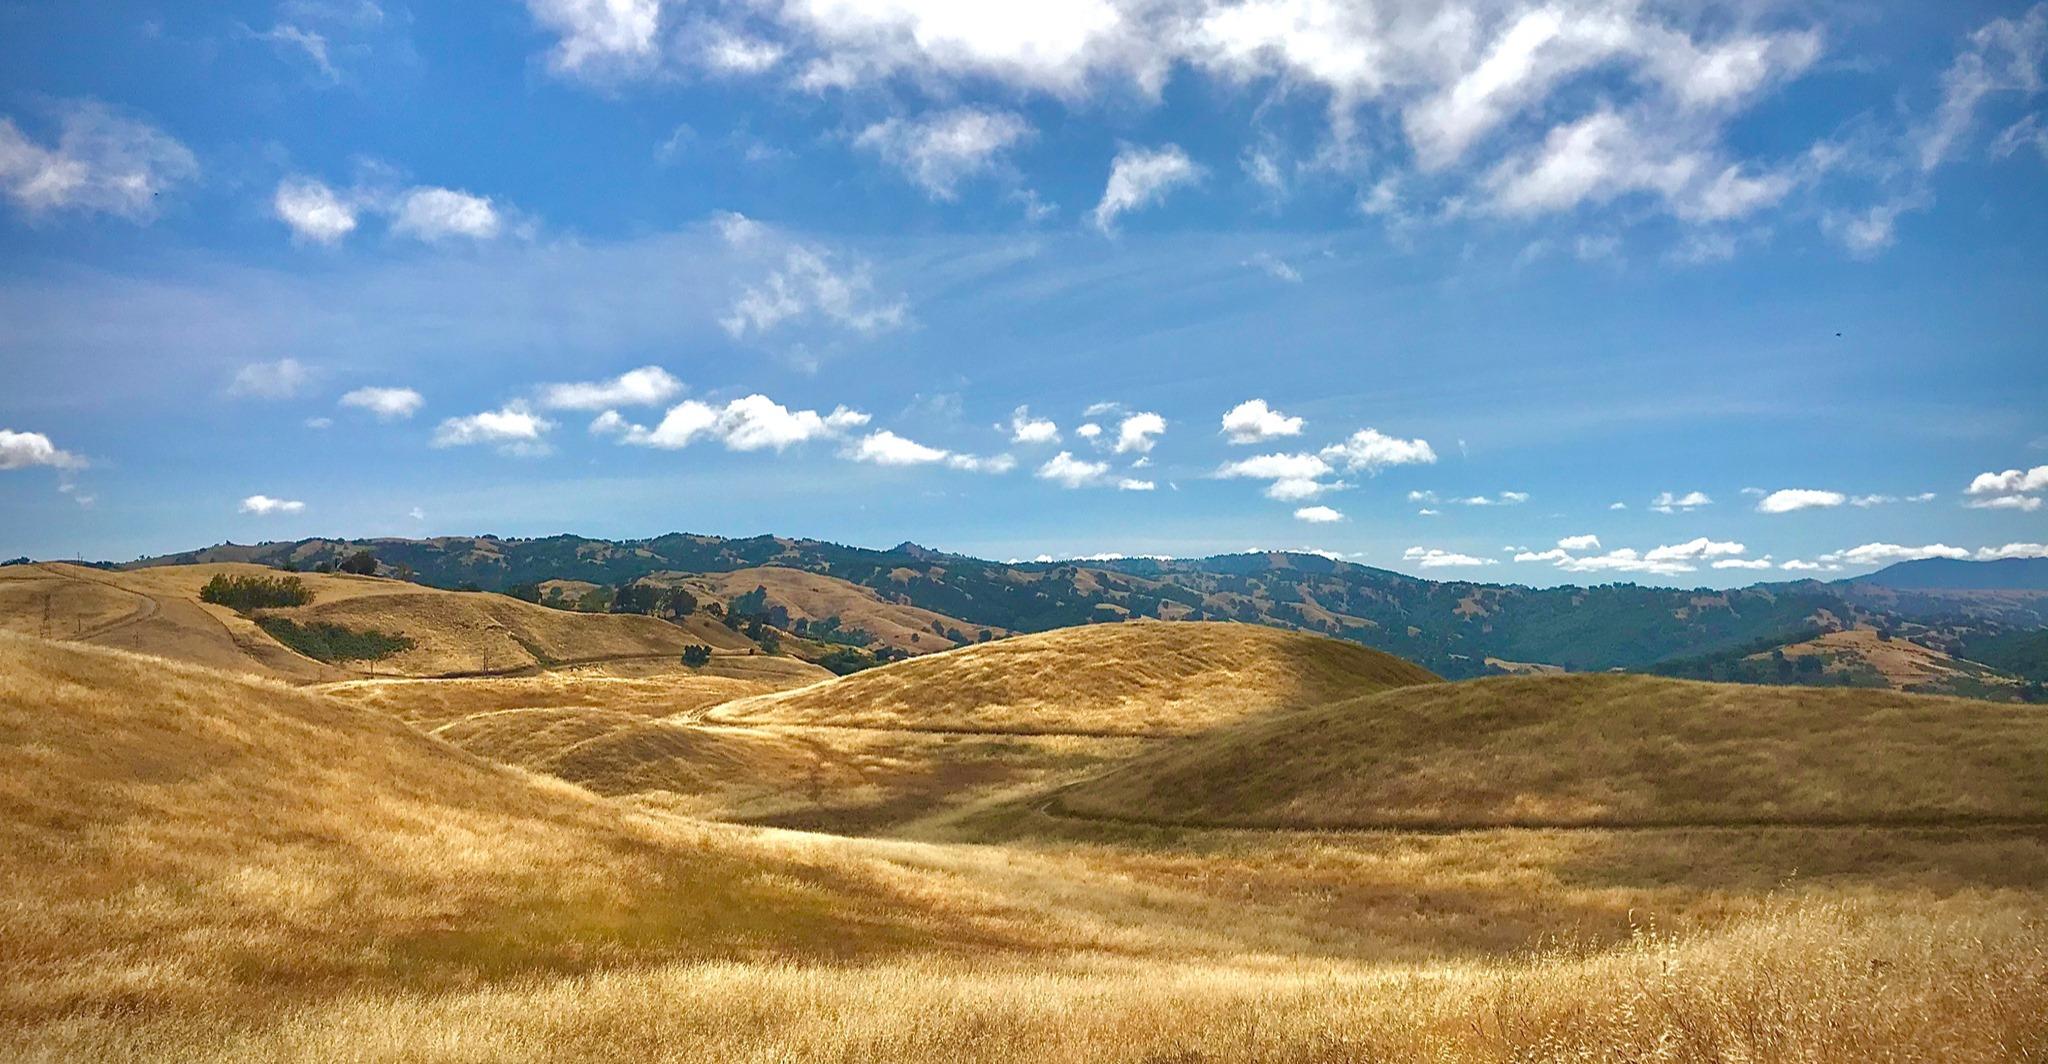 Rolling golden hills under blue sky